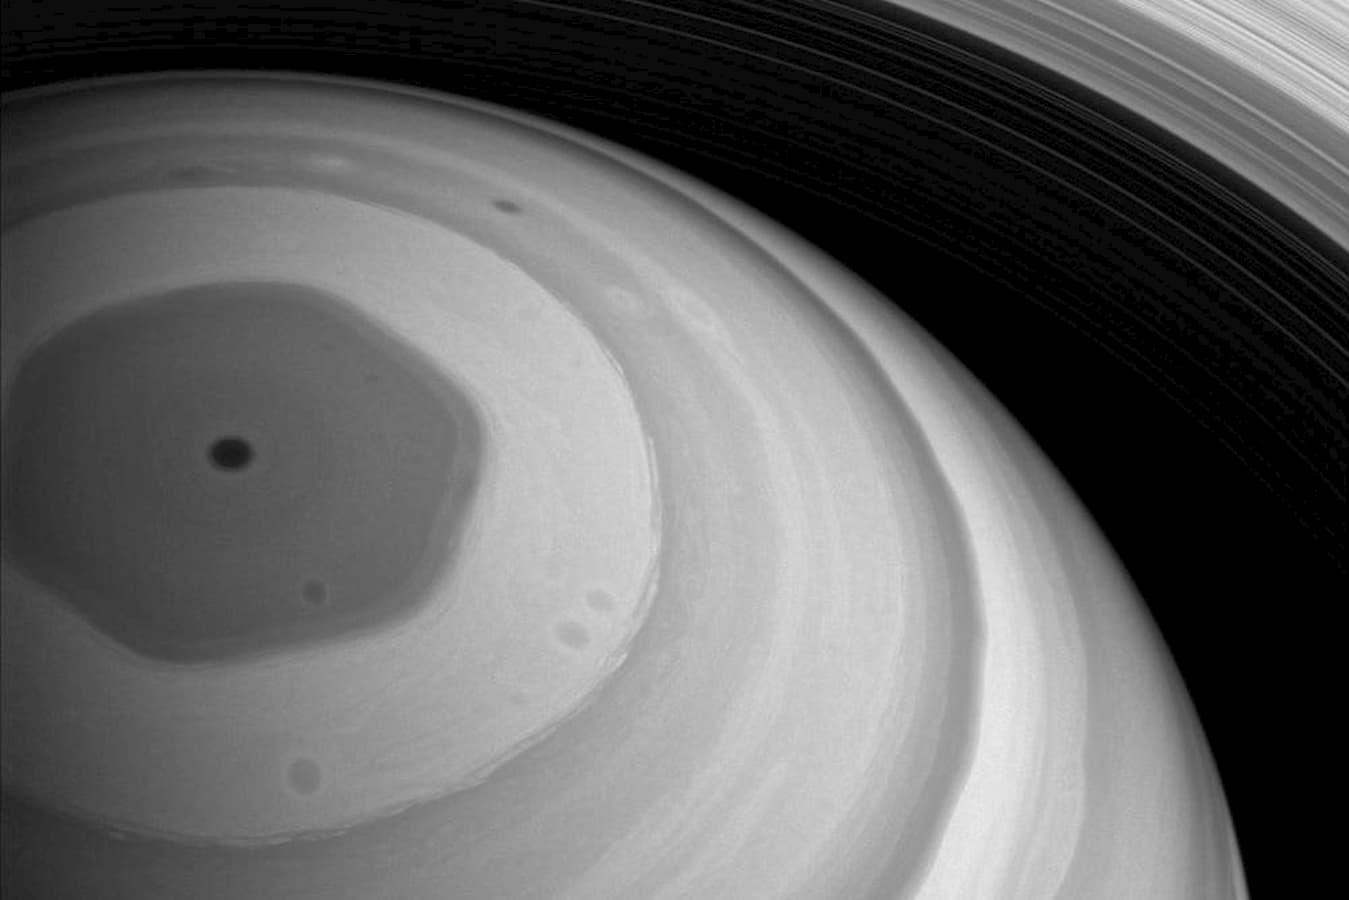 Pólo norte de Saturno em forma de hexágono